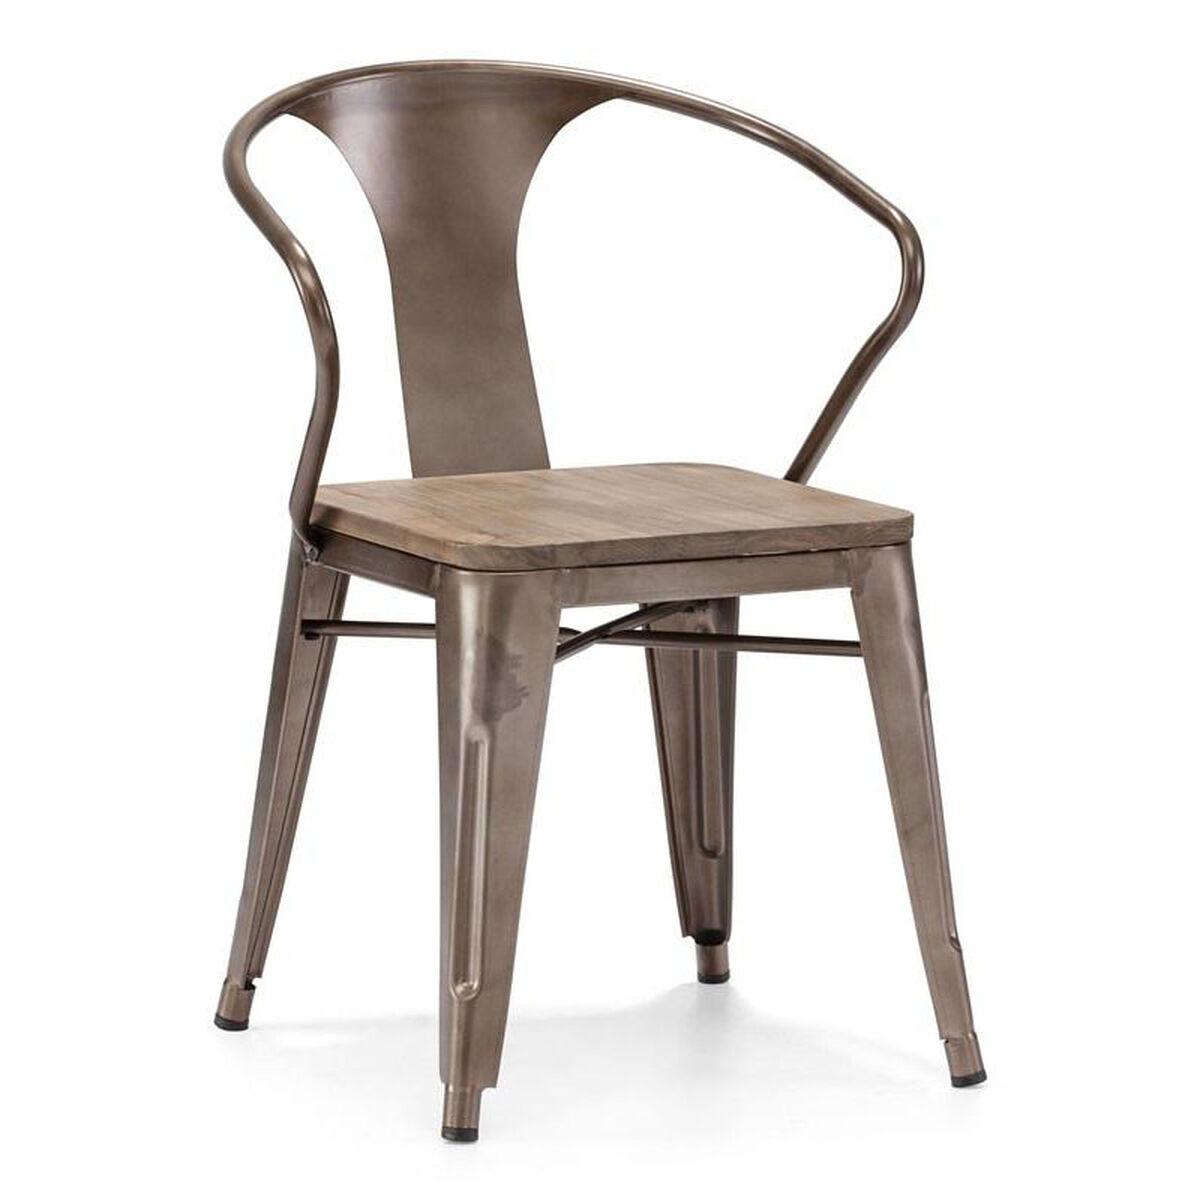 Heliz dining chair restaurantfurniture less